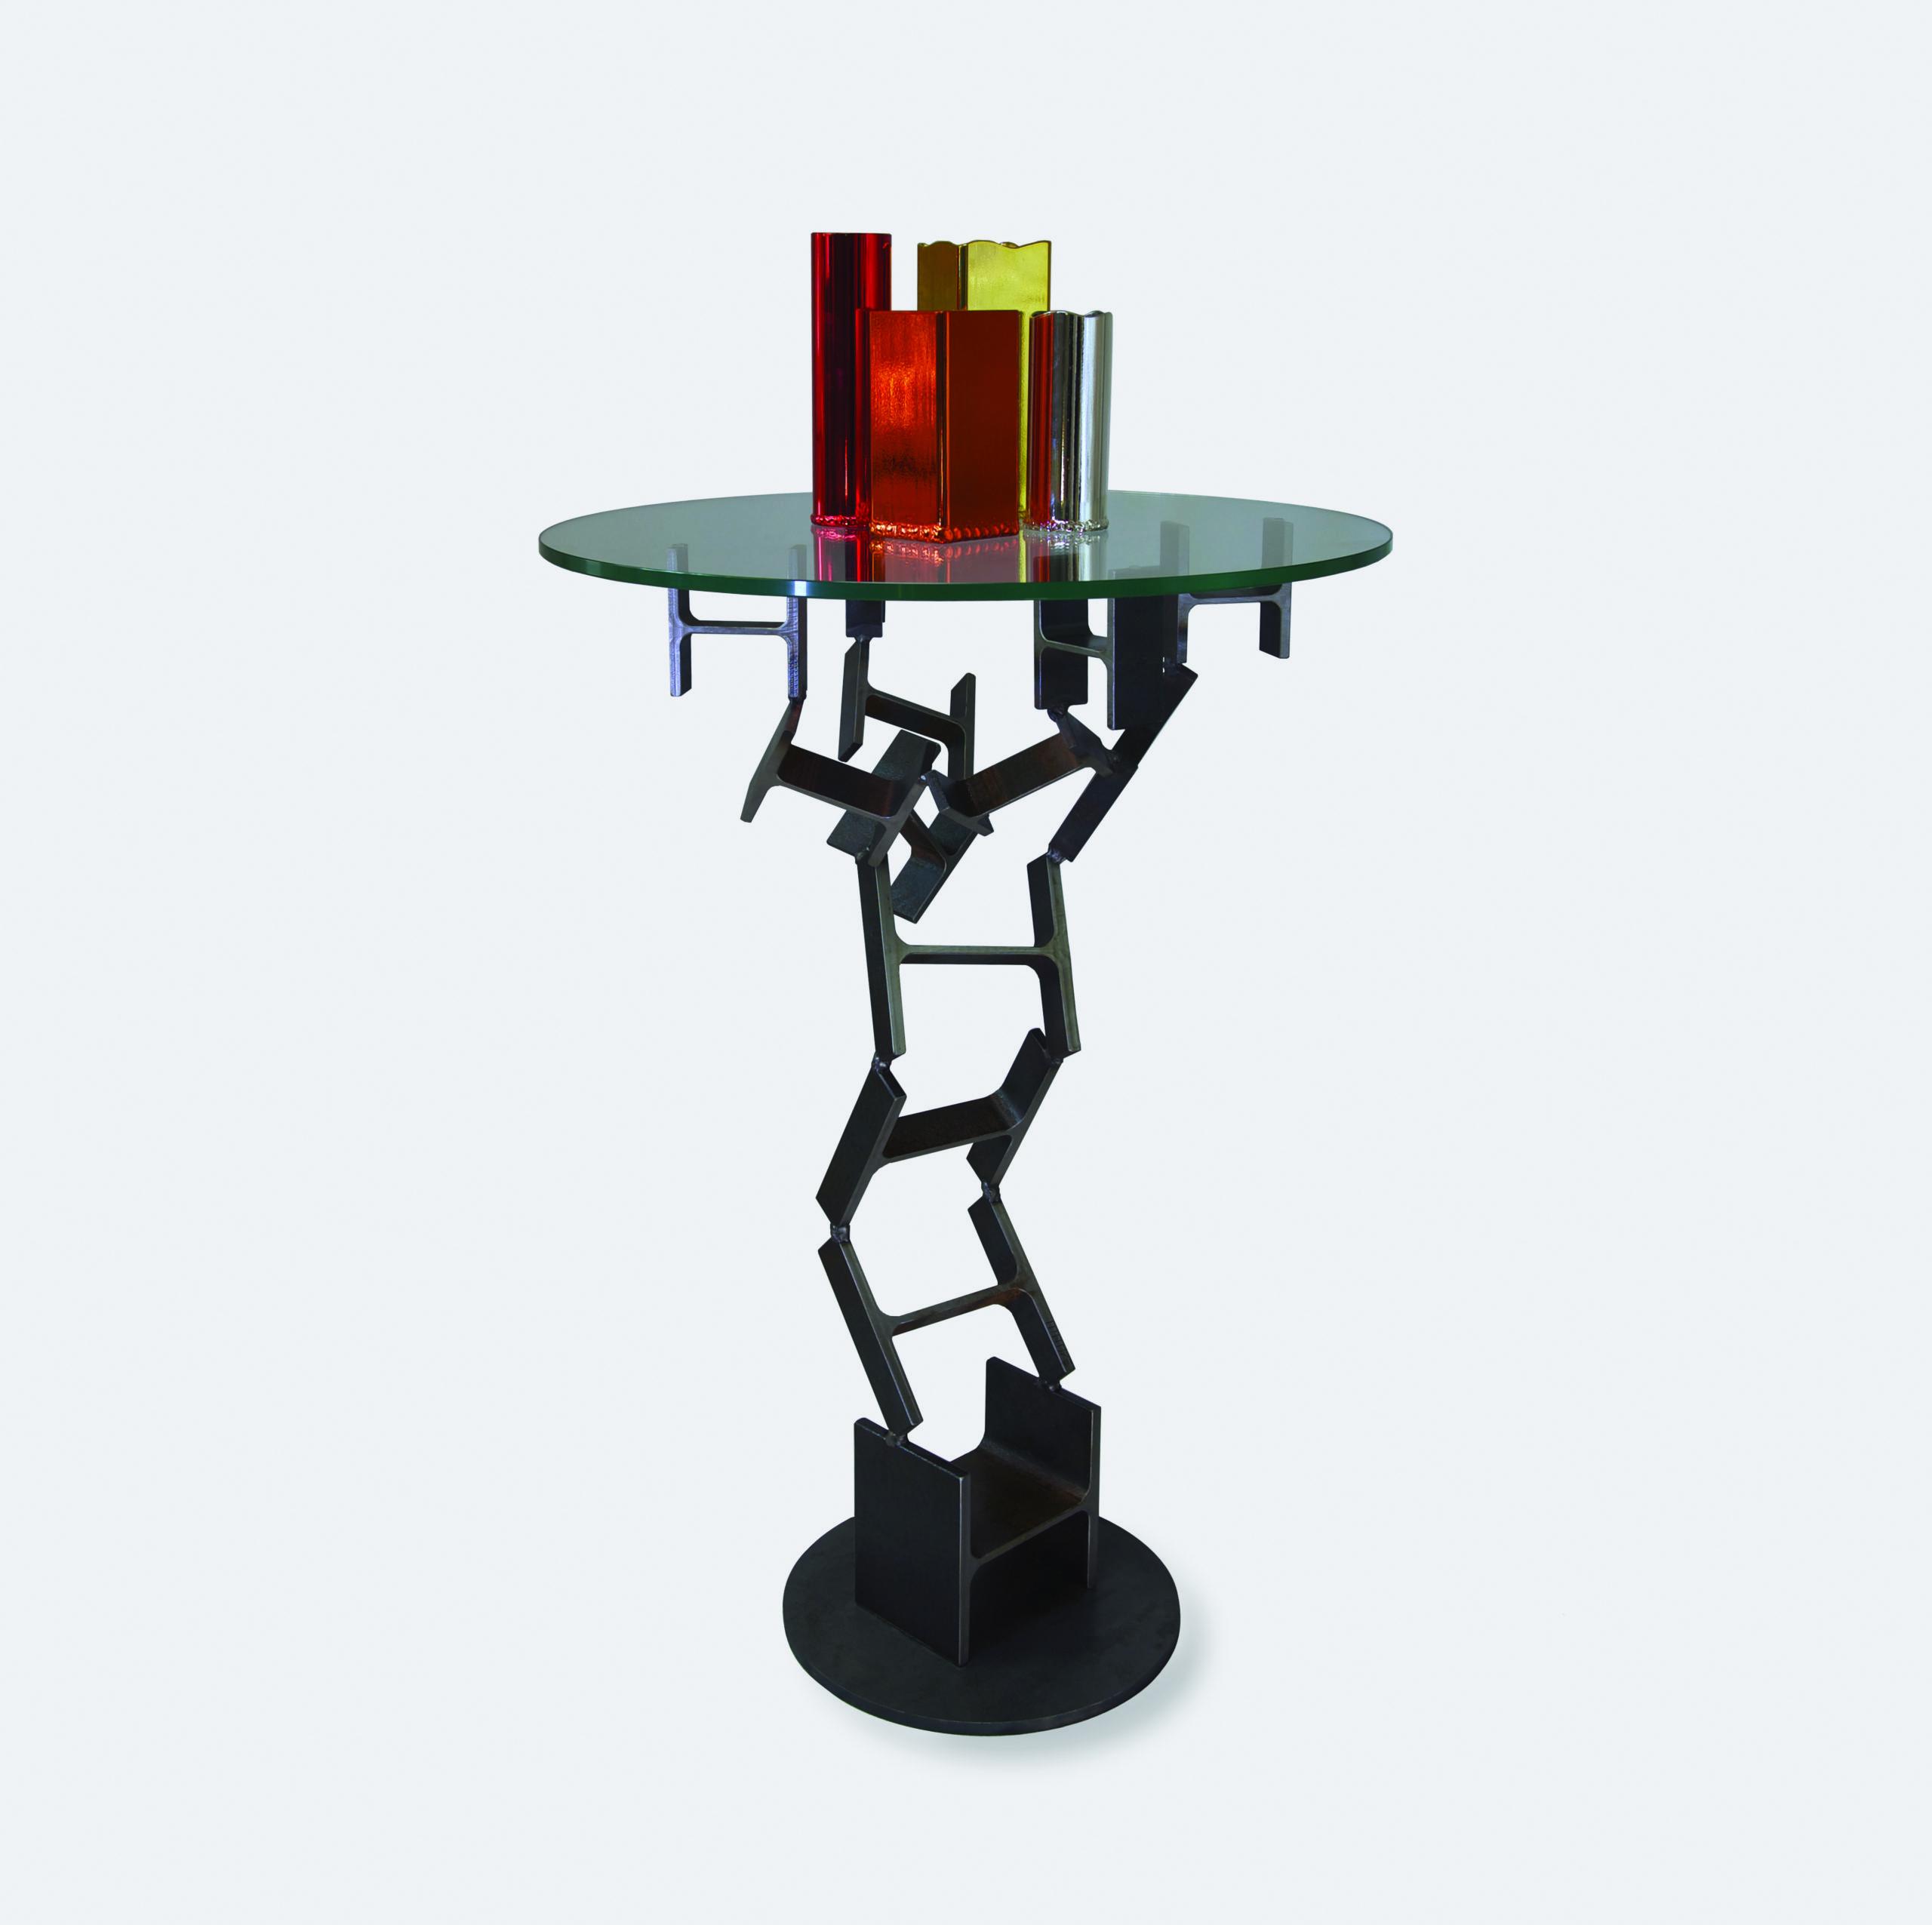 TULIPE - TABLE MANGE DEBOUT - GUÉRIDON OU TABLE HAUTE PLATEAU VERRE ET PIEDS ÉLÉMENTS IPN PERSONNALISABLE - AVEC VASES IPN CHROMÉS - MARQUE IPNOZE - MEUBLES EN IPN CRÉÉS PAR LIONEL PELLEGRINA